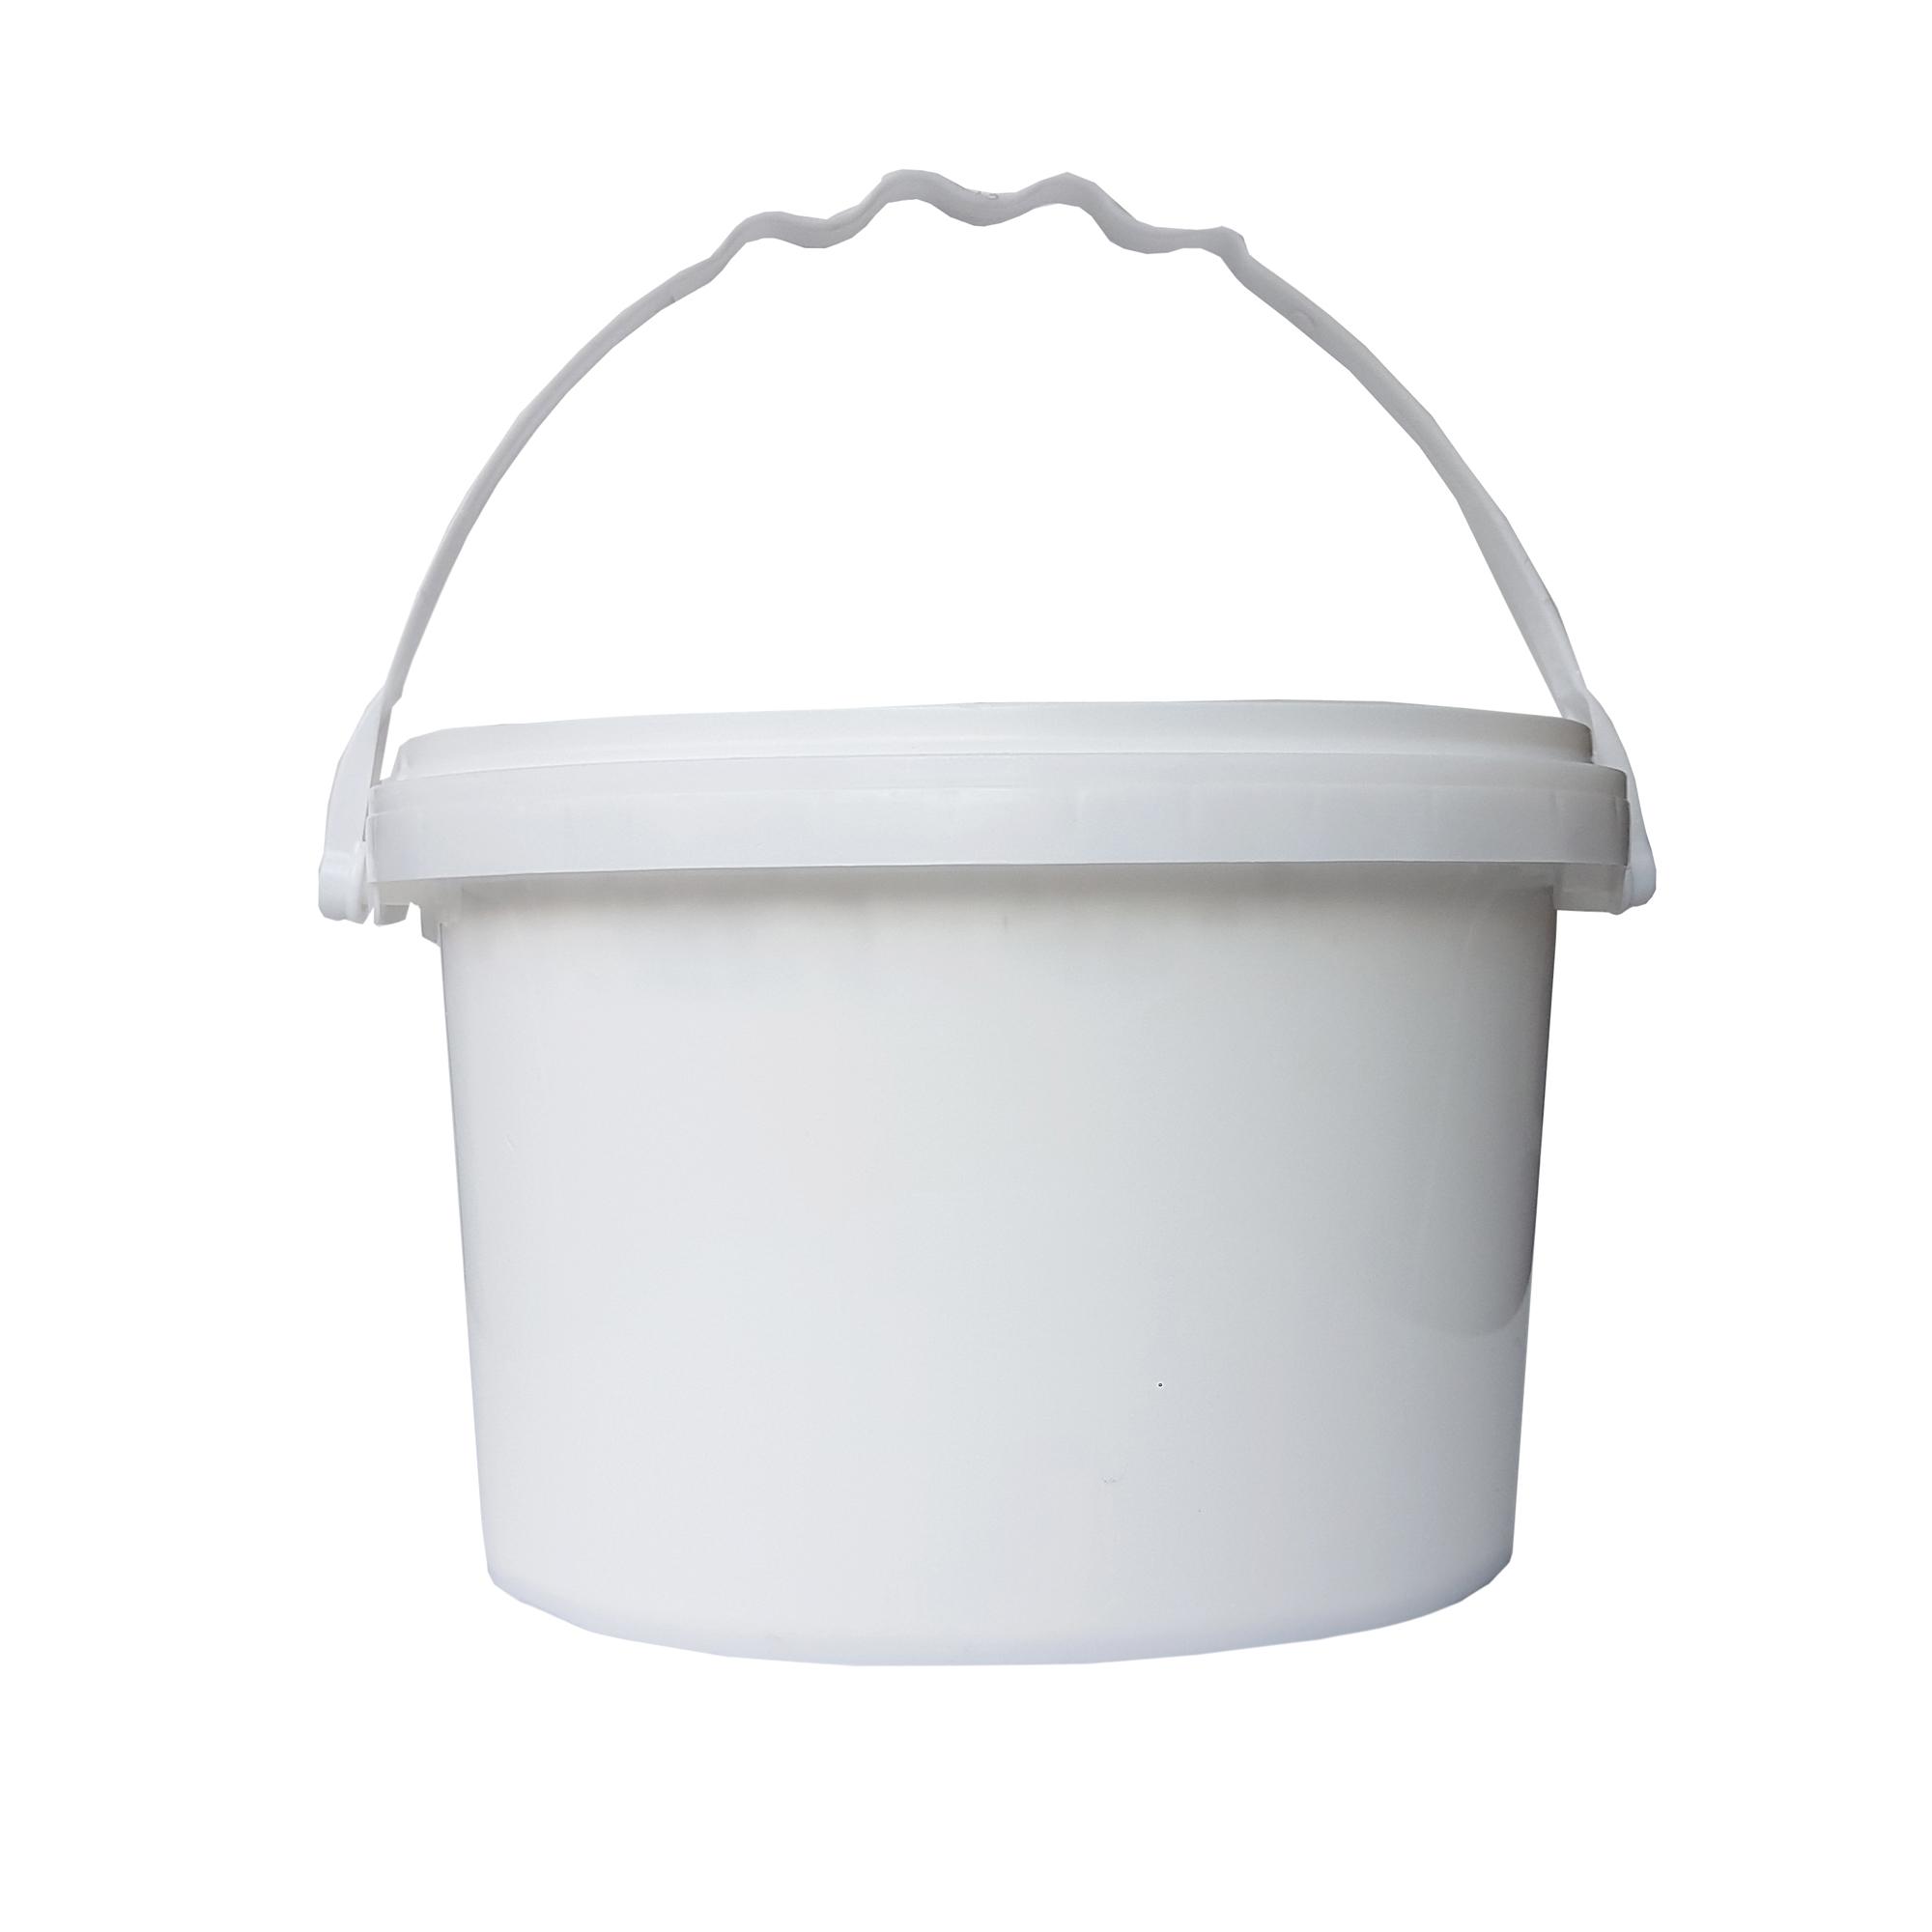 رنگ سفید آکرولیک کد 714 وزن 3.5 کیلوگرم